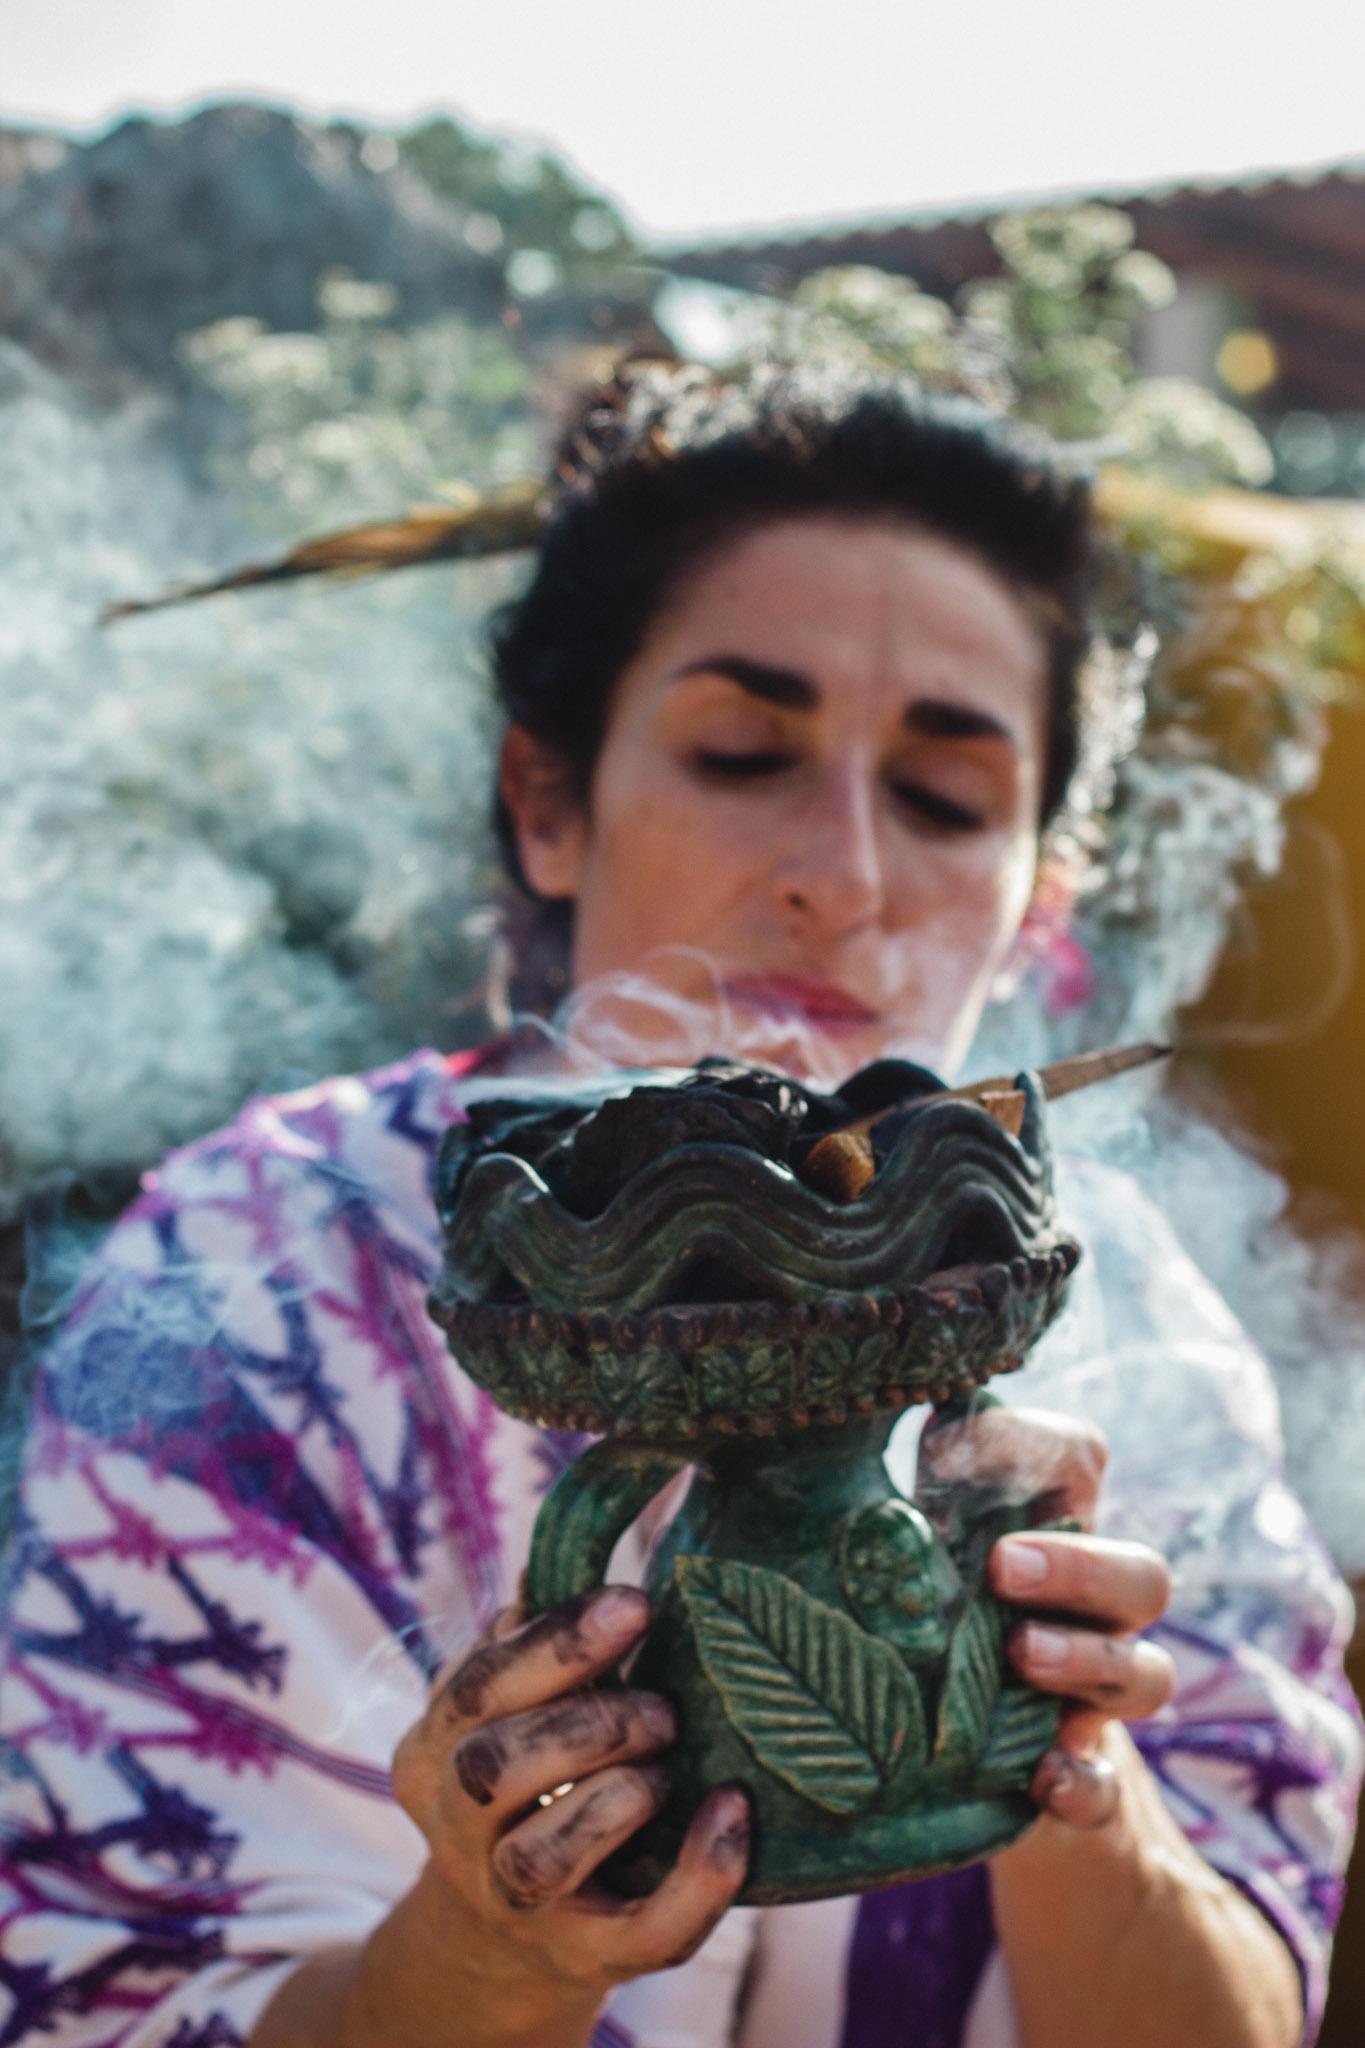 Blog-Wedding-Destination-Photography-San-Miguel-de-Allende-Jorge-Navarrete-Fotografía-Boda-Sandra-Beto-40.jpg